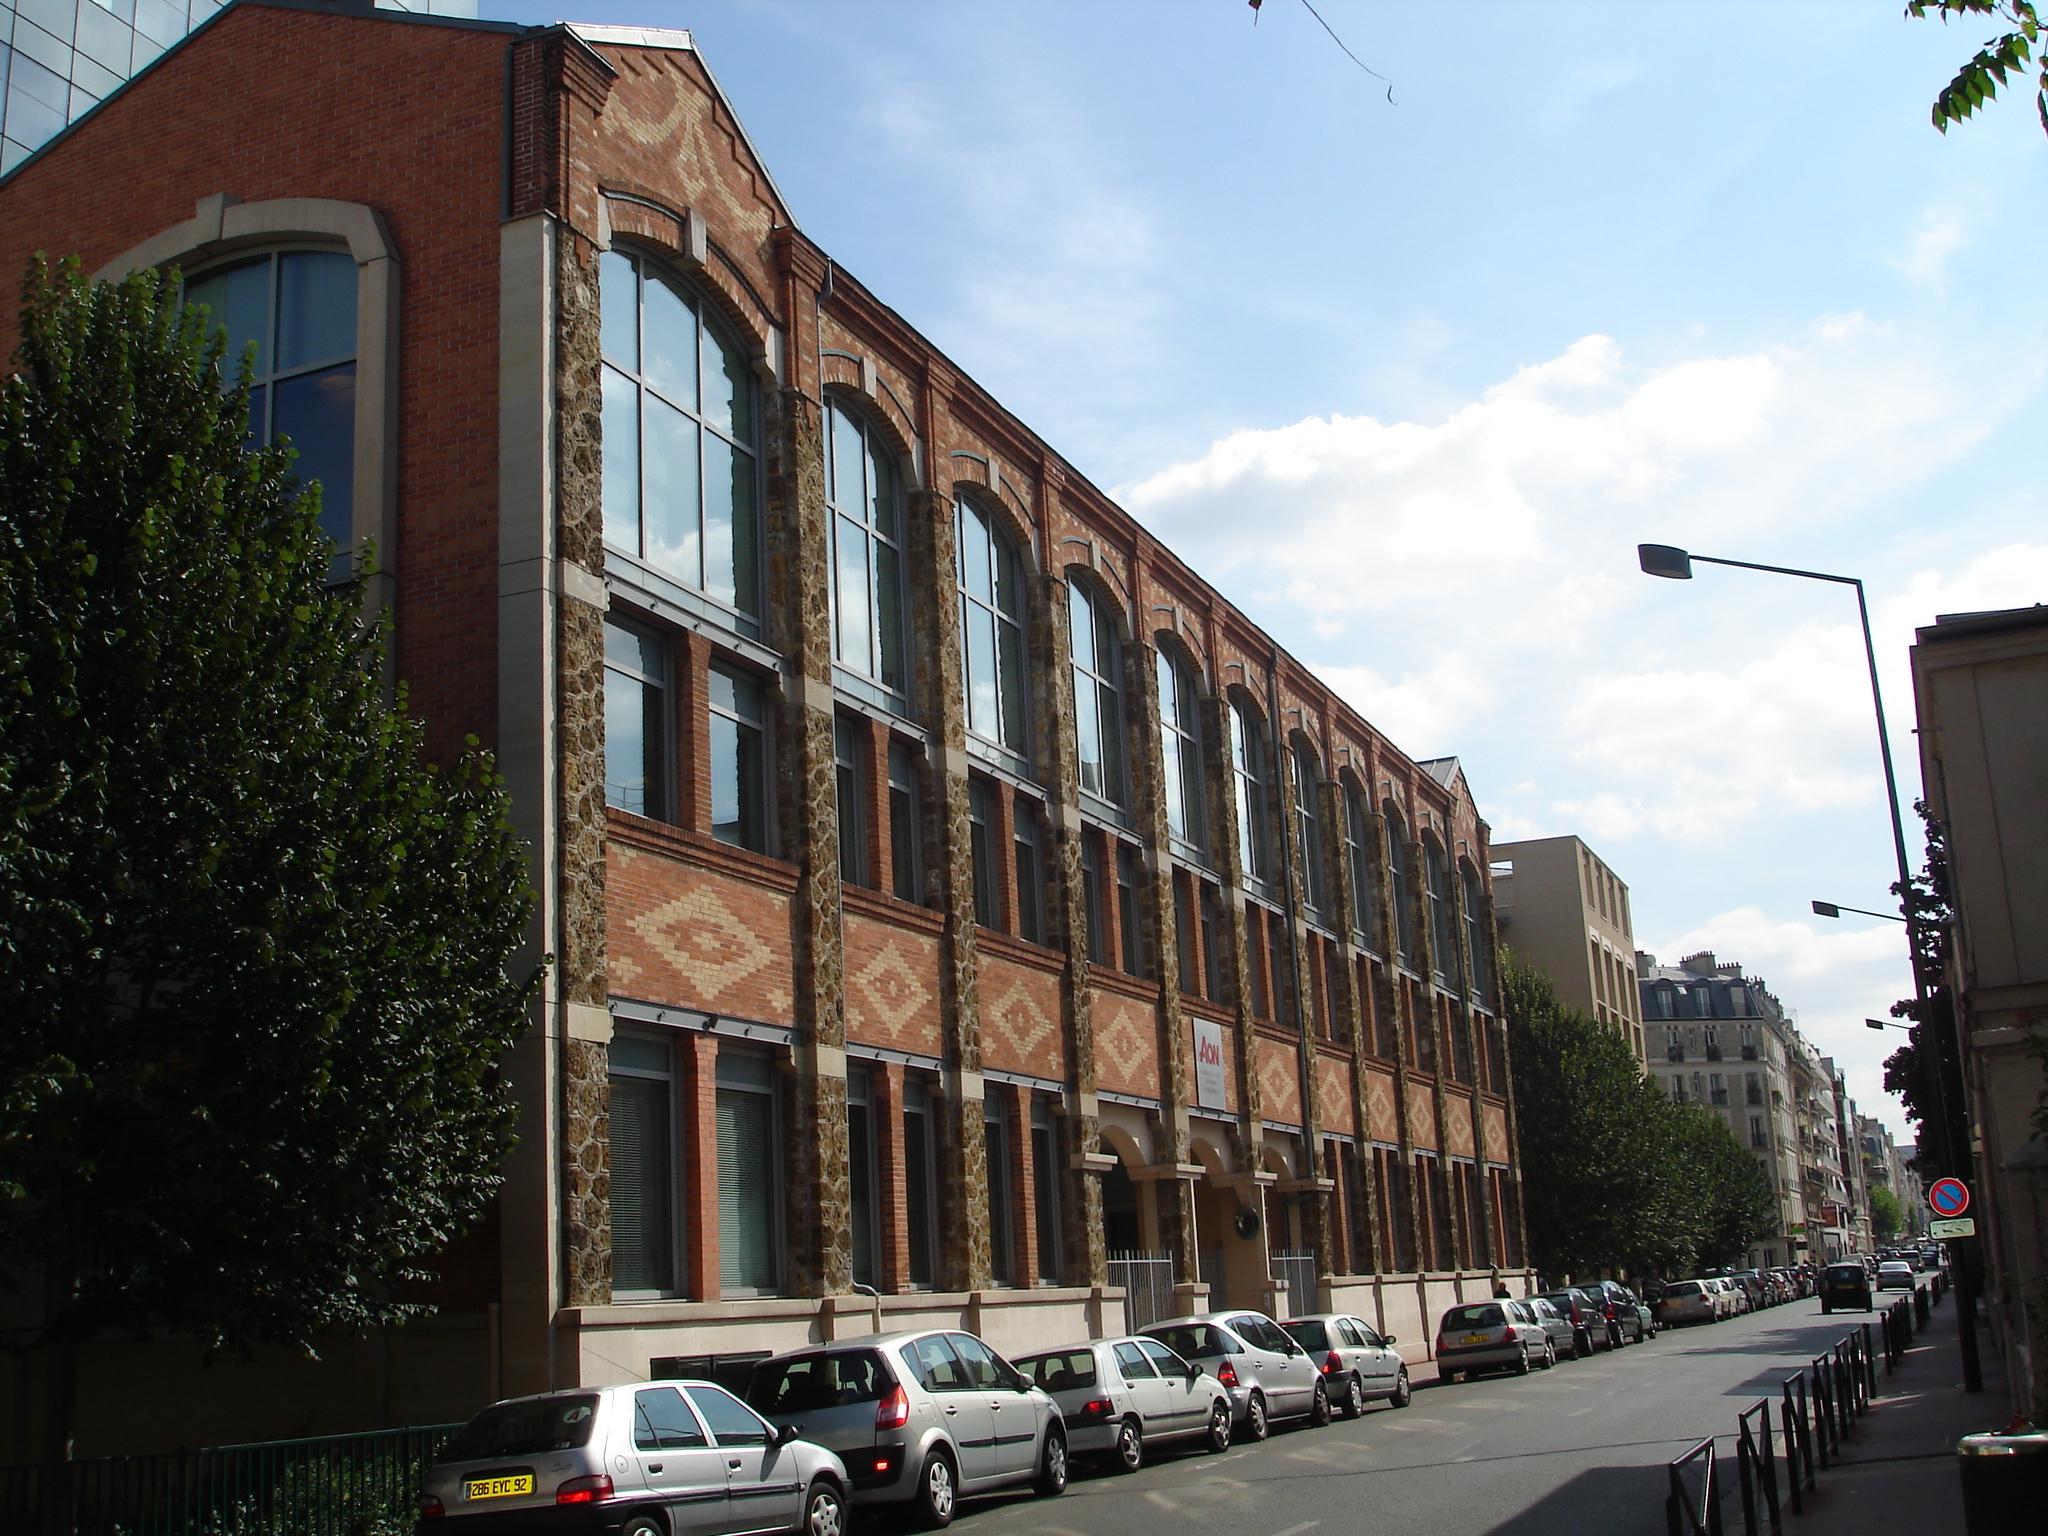 Rue anatole france levallois perret - Couleur autorisee batiment france ...